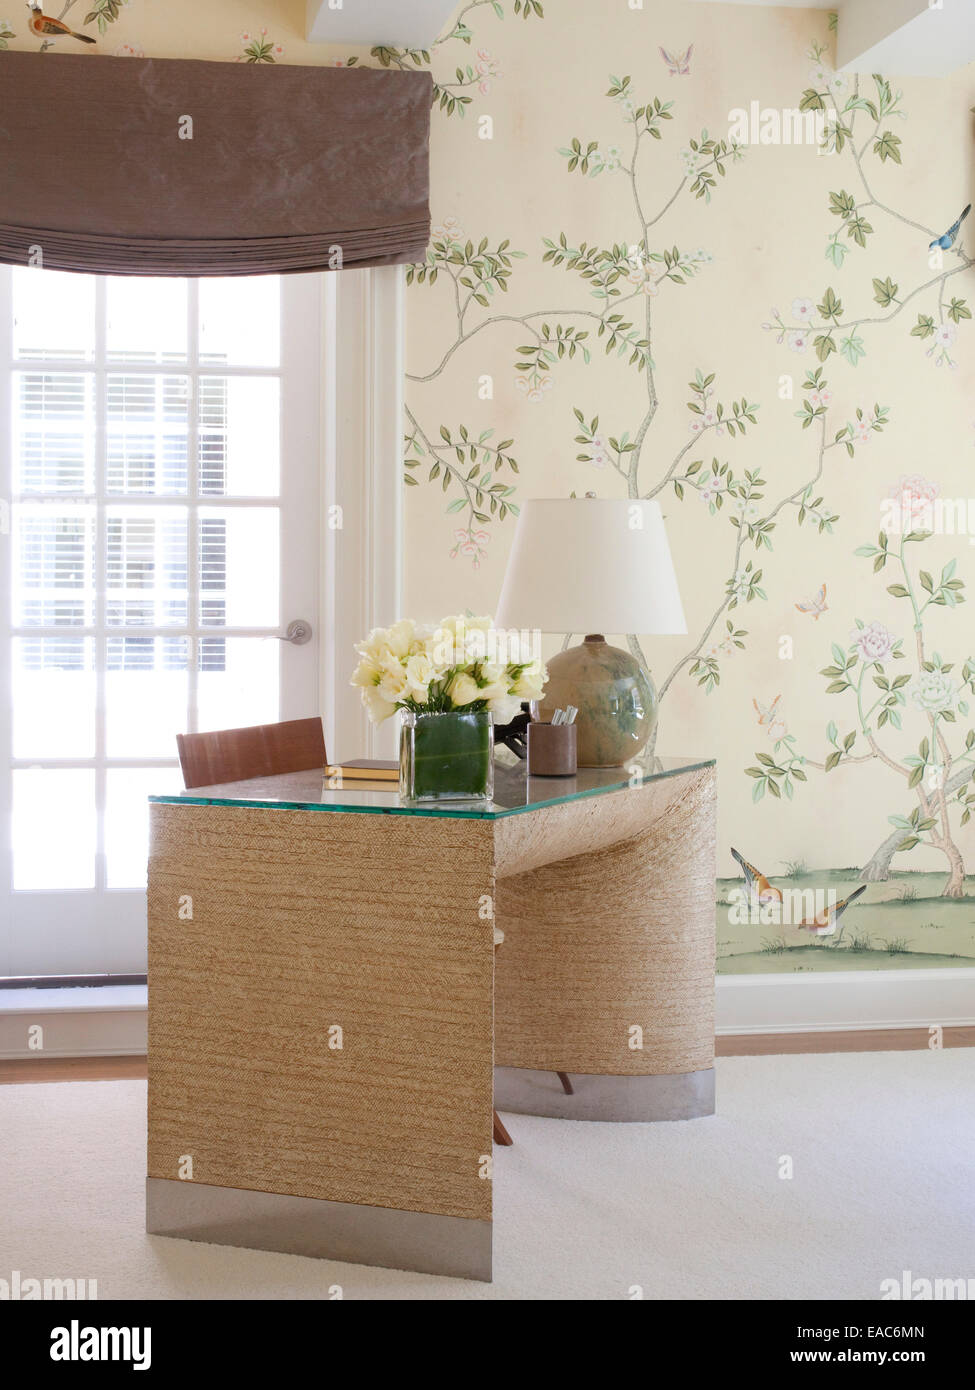 Home Studium mit Schreibtisch und weiße Rosen Stockbild